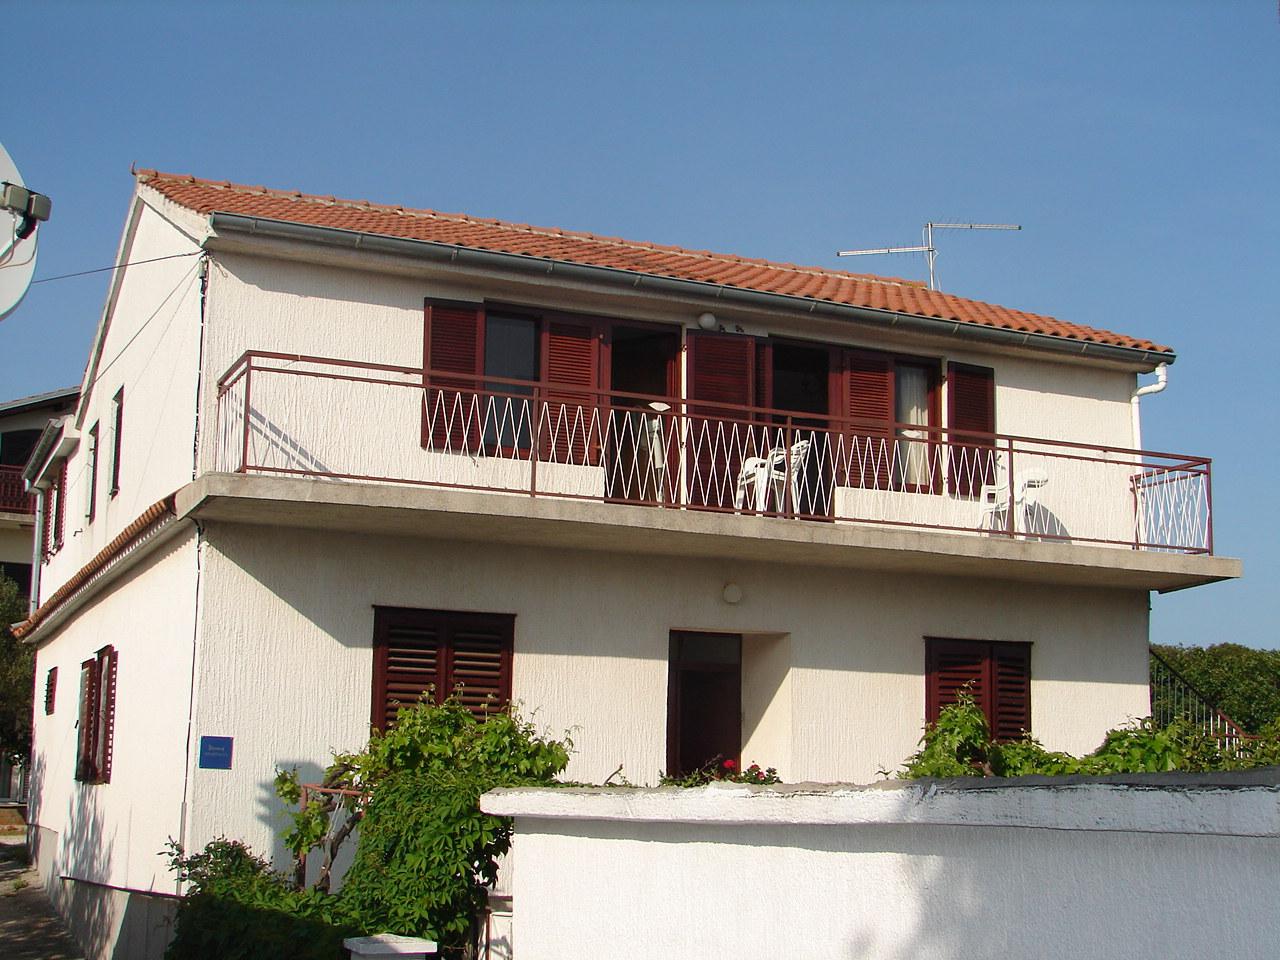 2534 - Jezera - Appartementen Kroatië